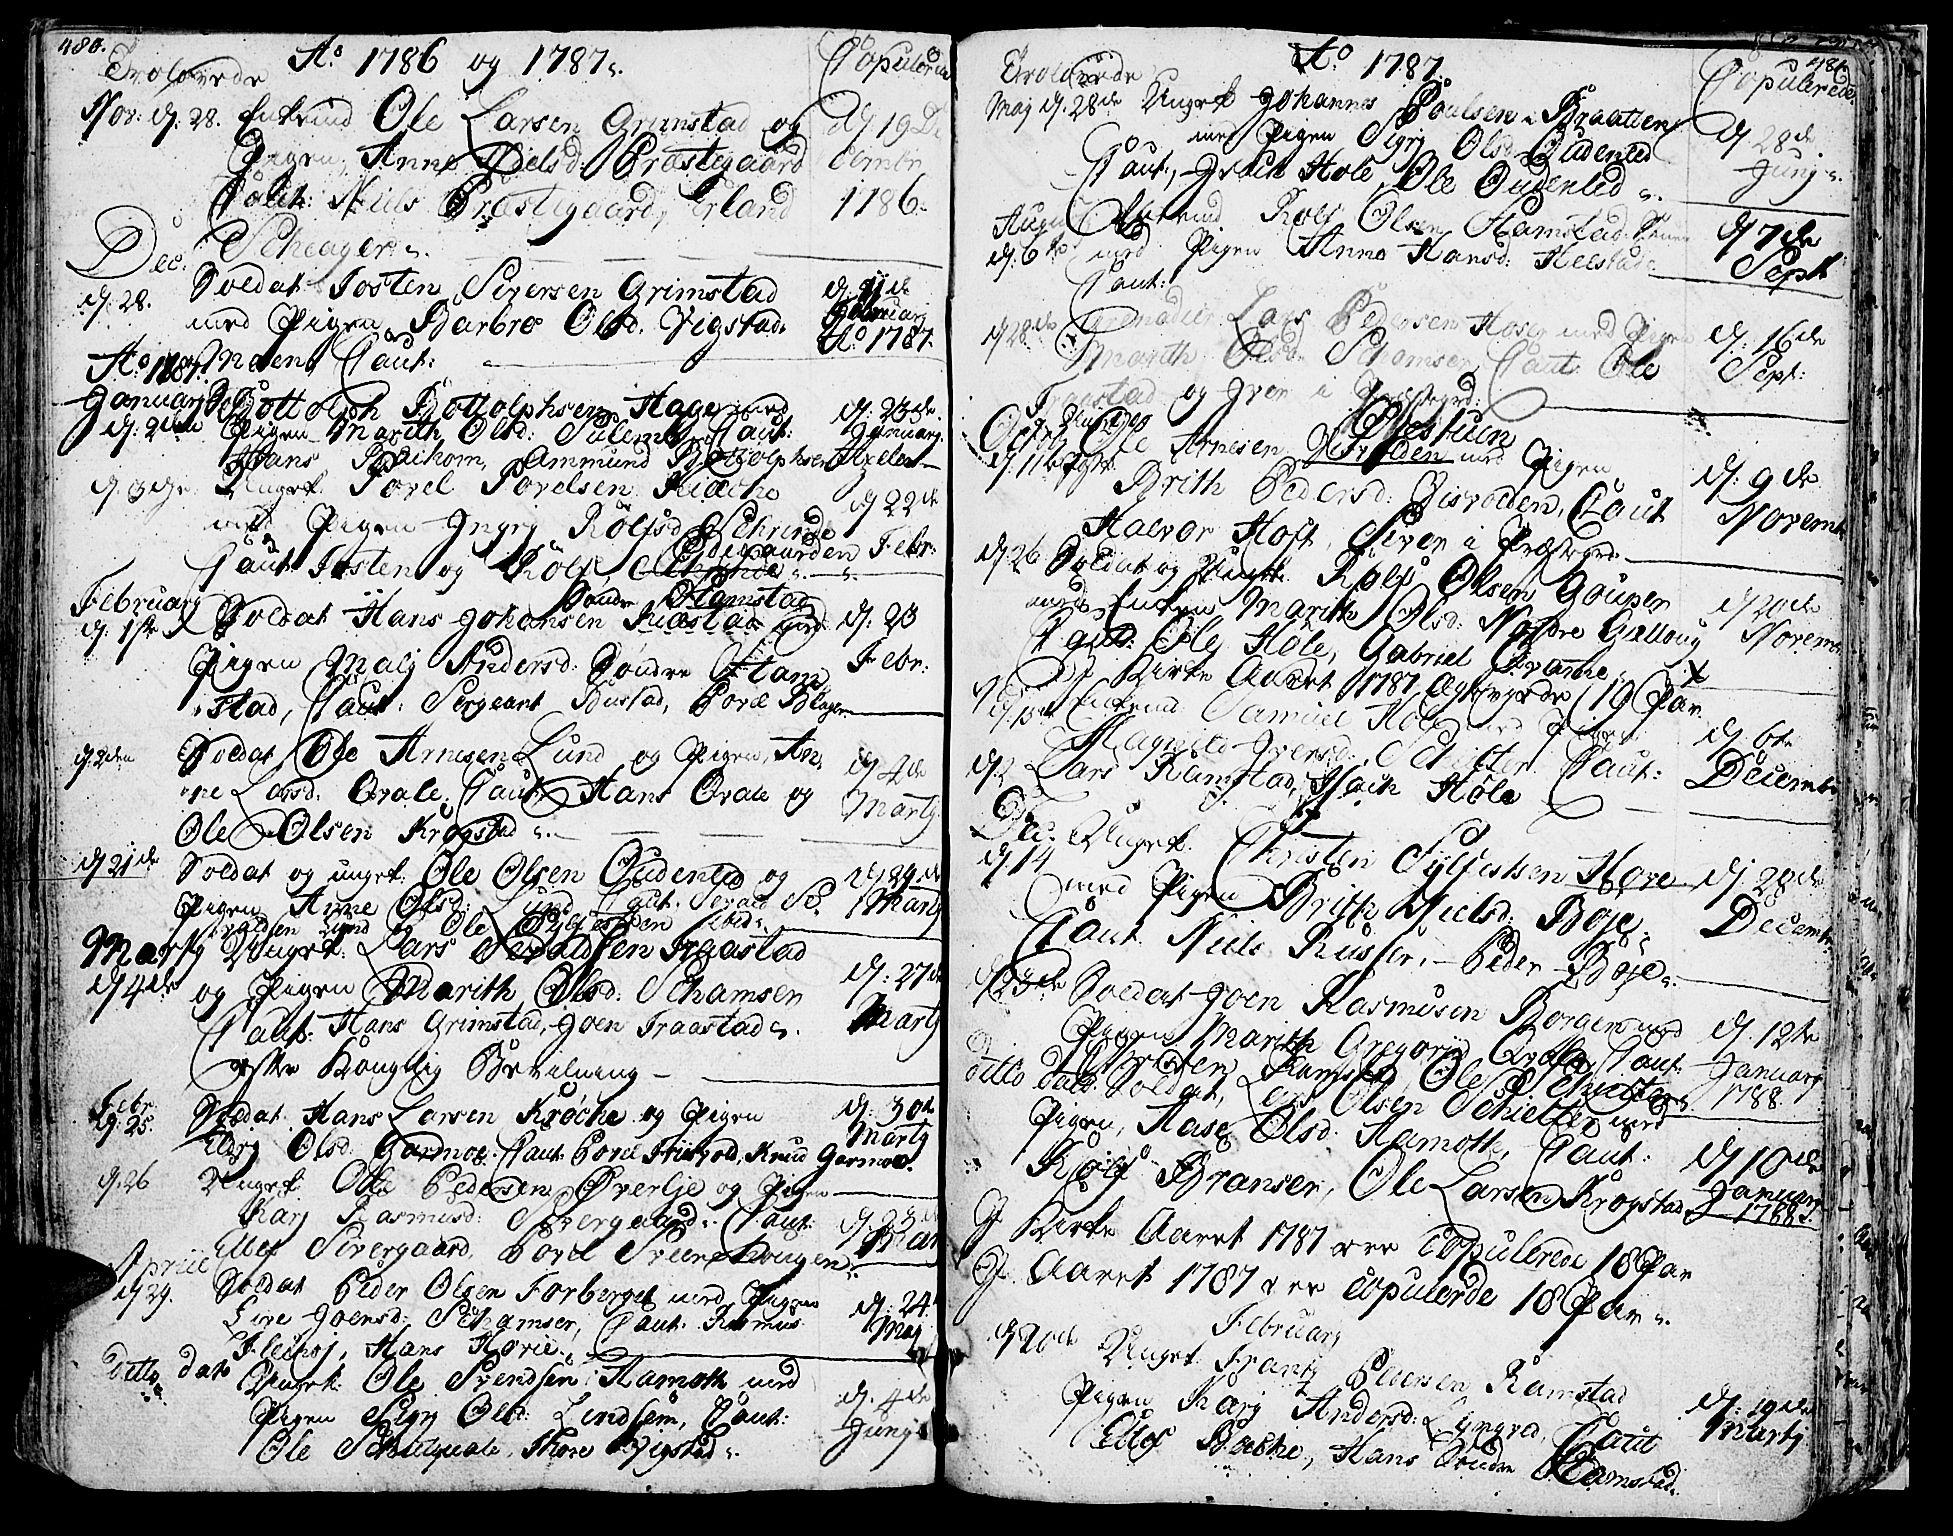 SAH, Lom prestekontor, K/L0002: Ministerialbok nr. 2, 1749-1801, s. 480-481